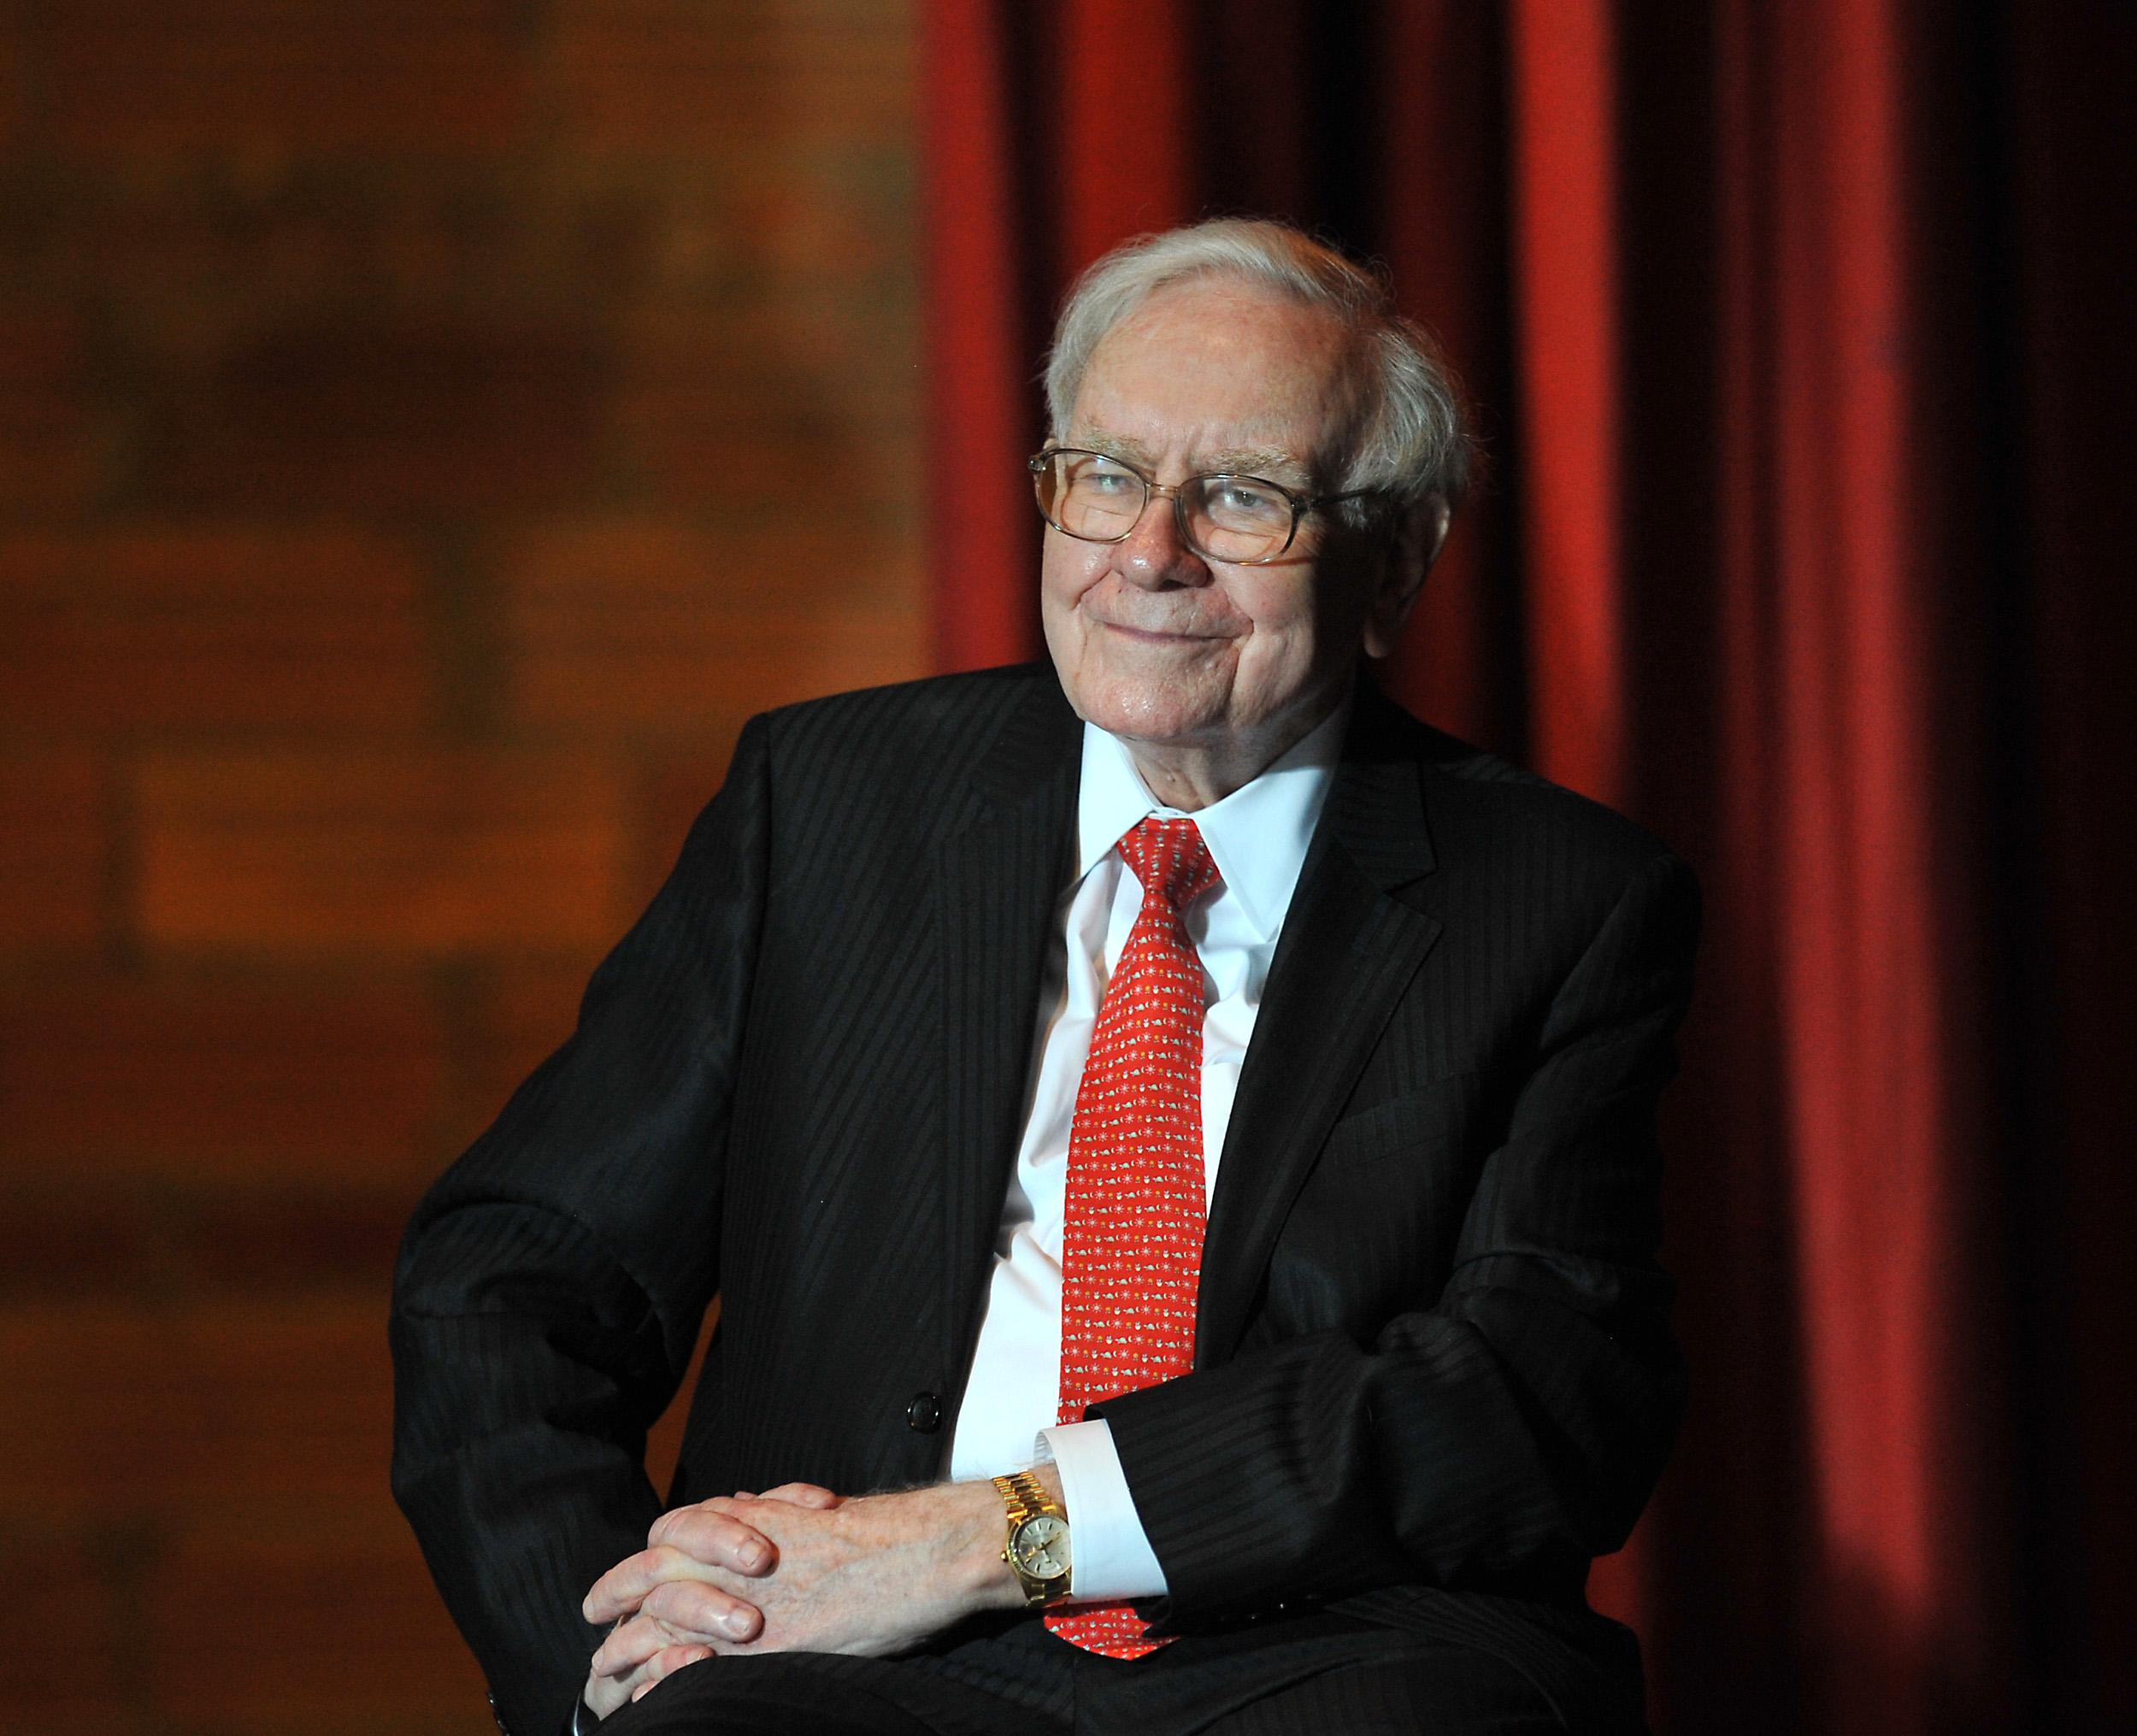 Investimentos, pandemia, recuperação americana, sucessão: o que esperar de Warren Buffett no encontro anual da Berkshire Hathaway